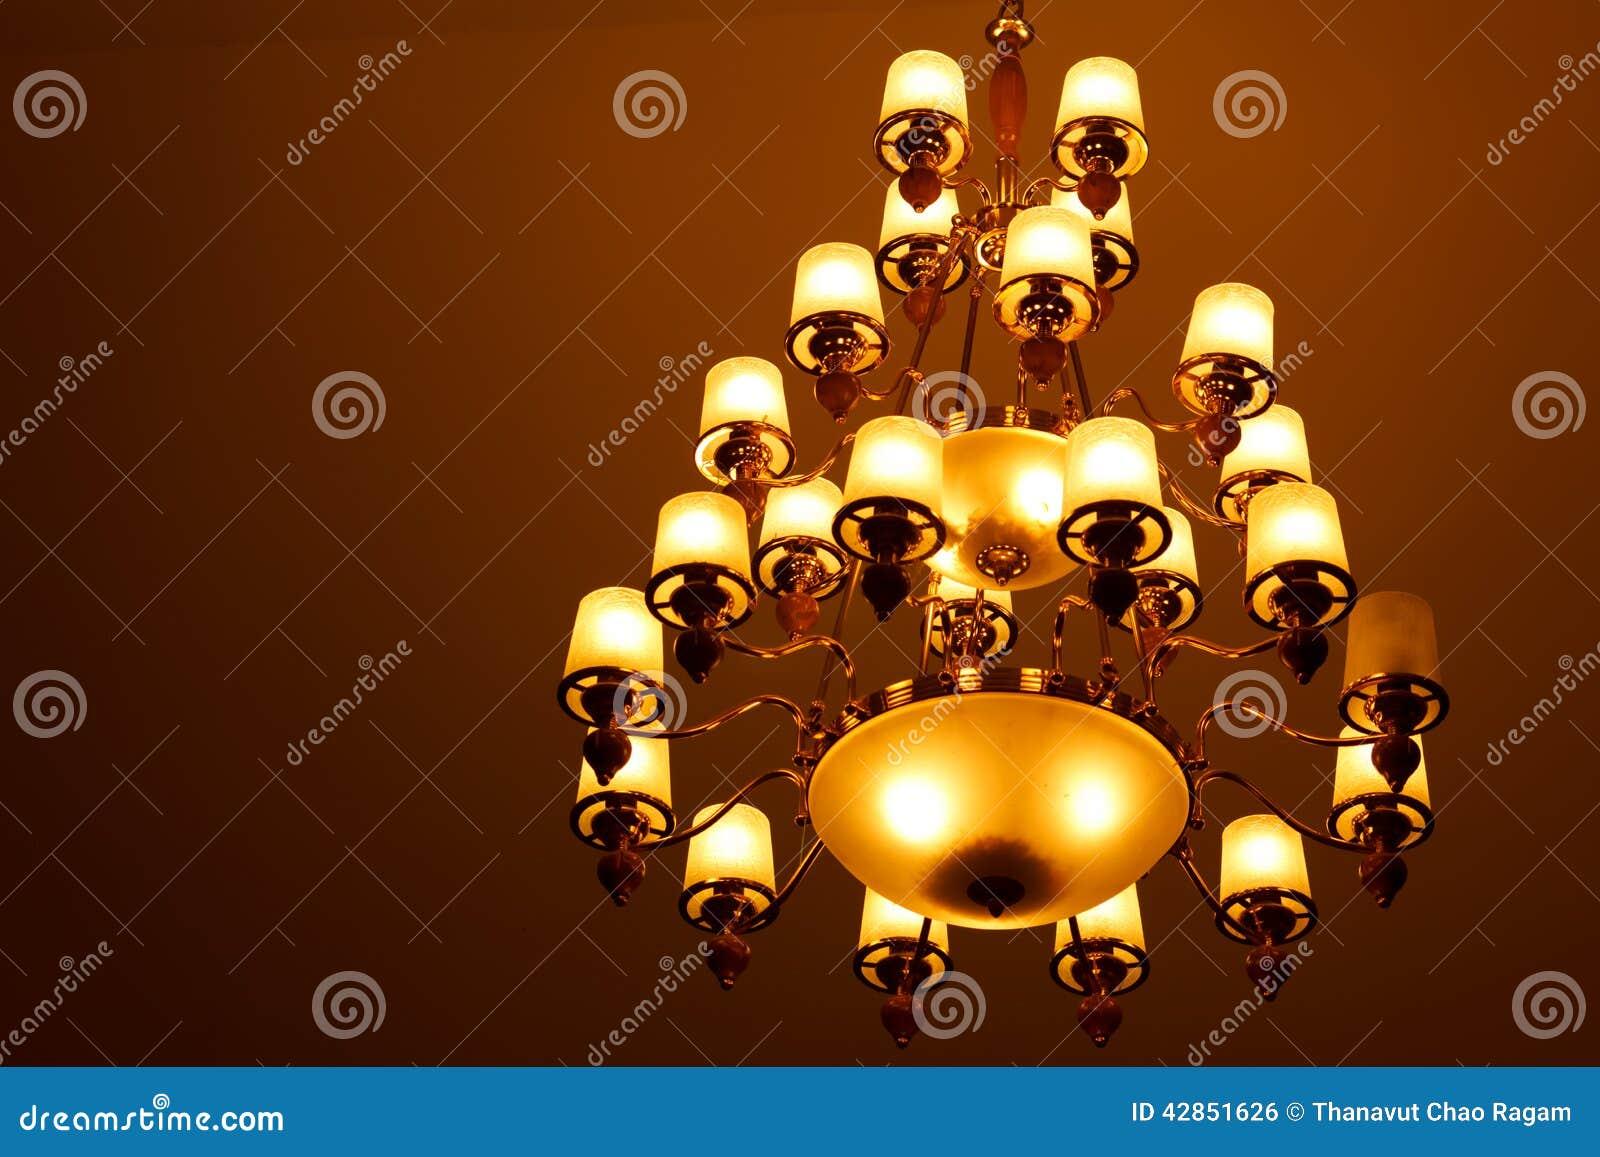 Plafoniera Per Sala : Lampadario porcellana capodimonte luci salotto sala da pranzo